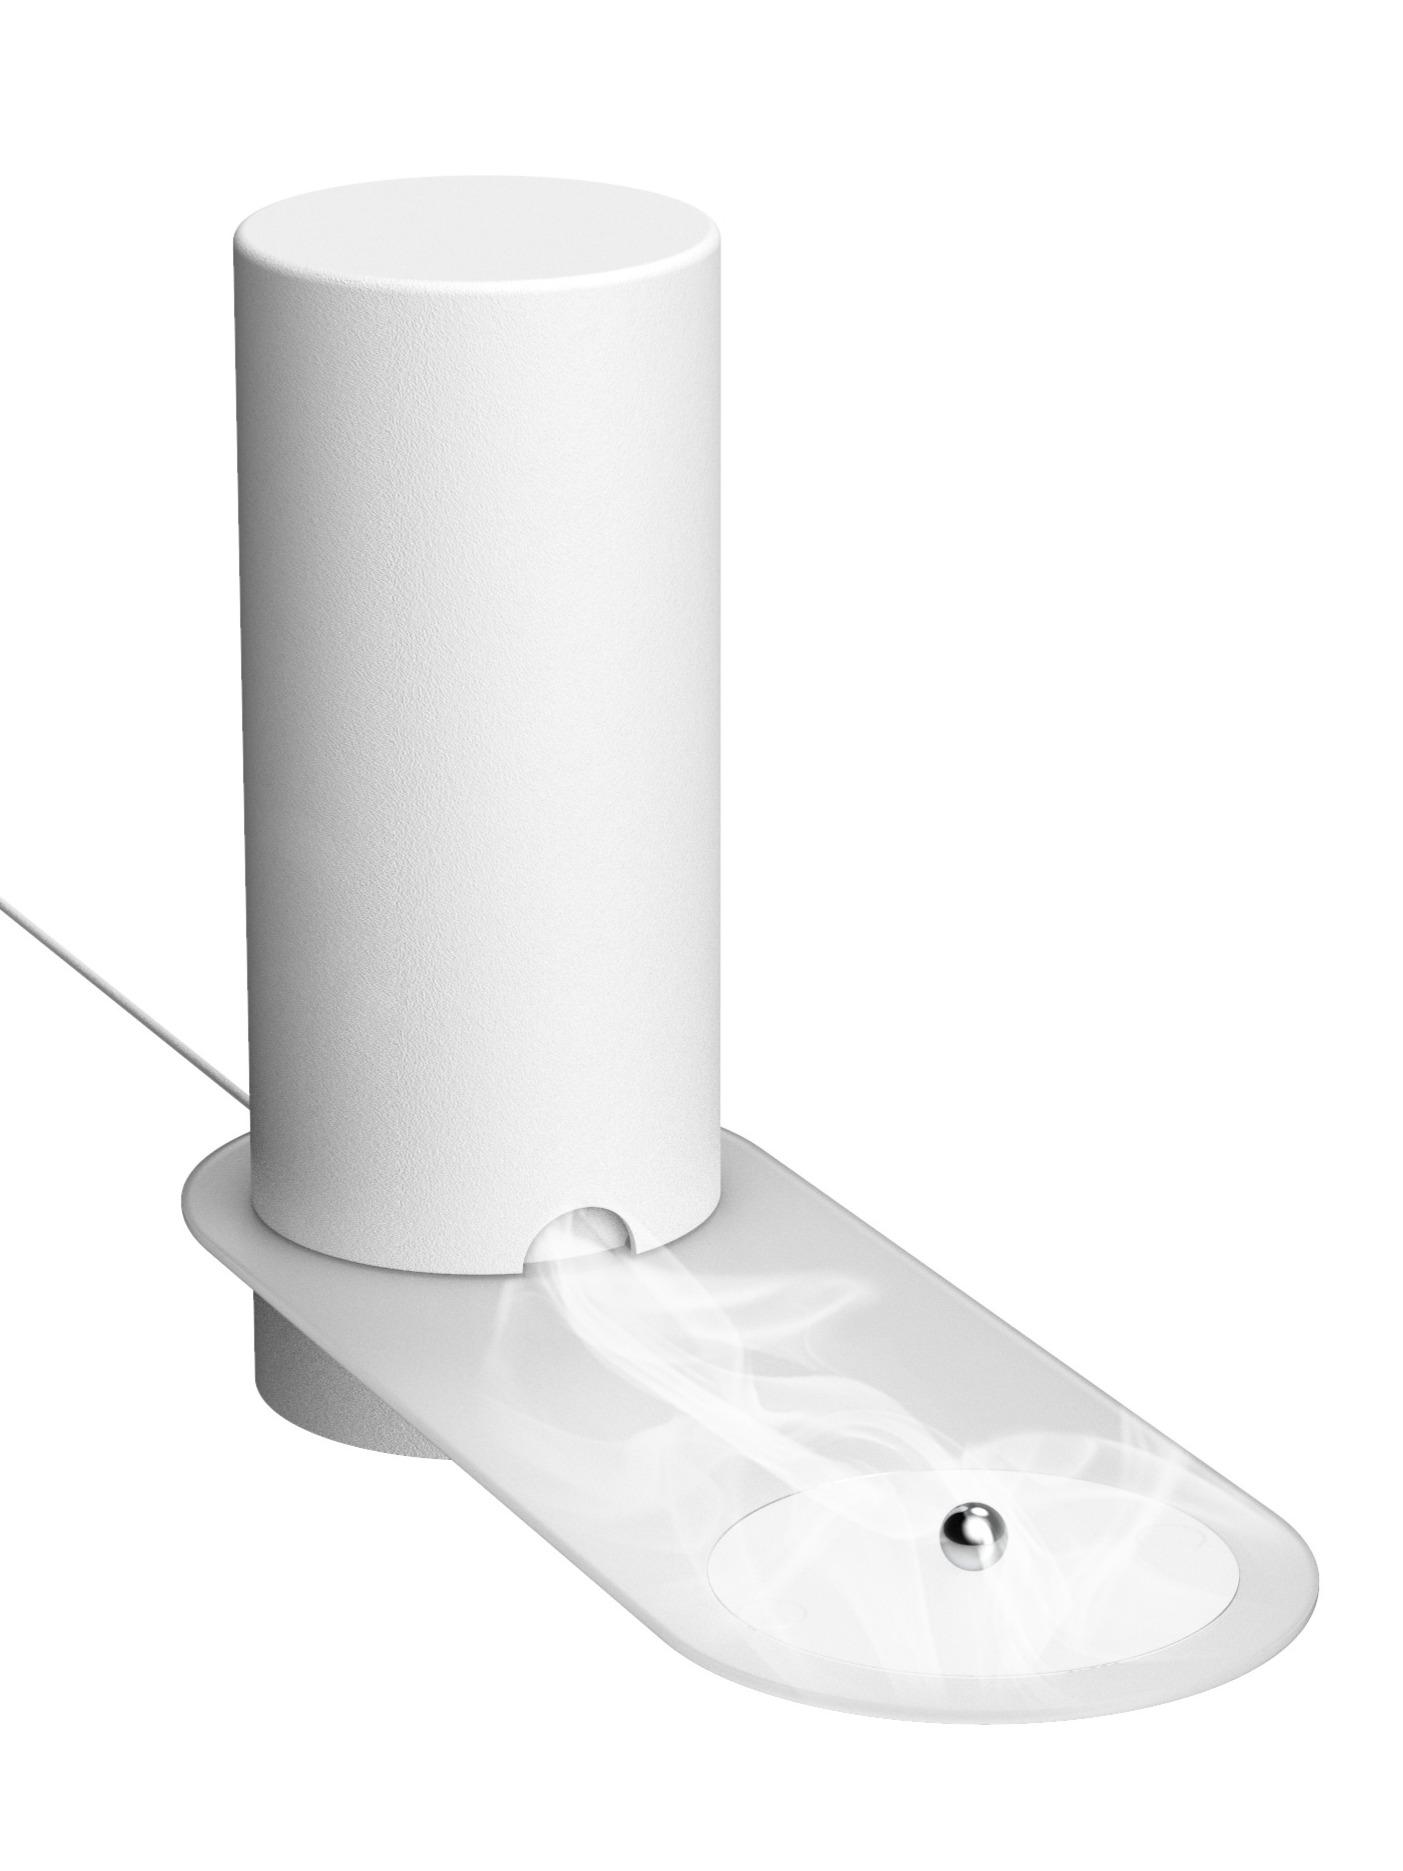 MYST: Humidifier